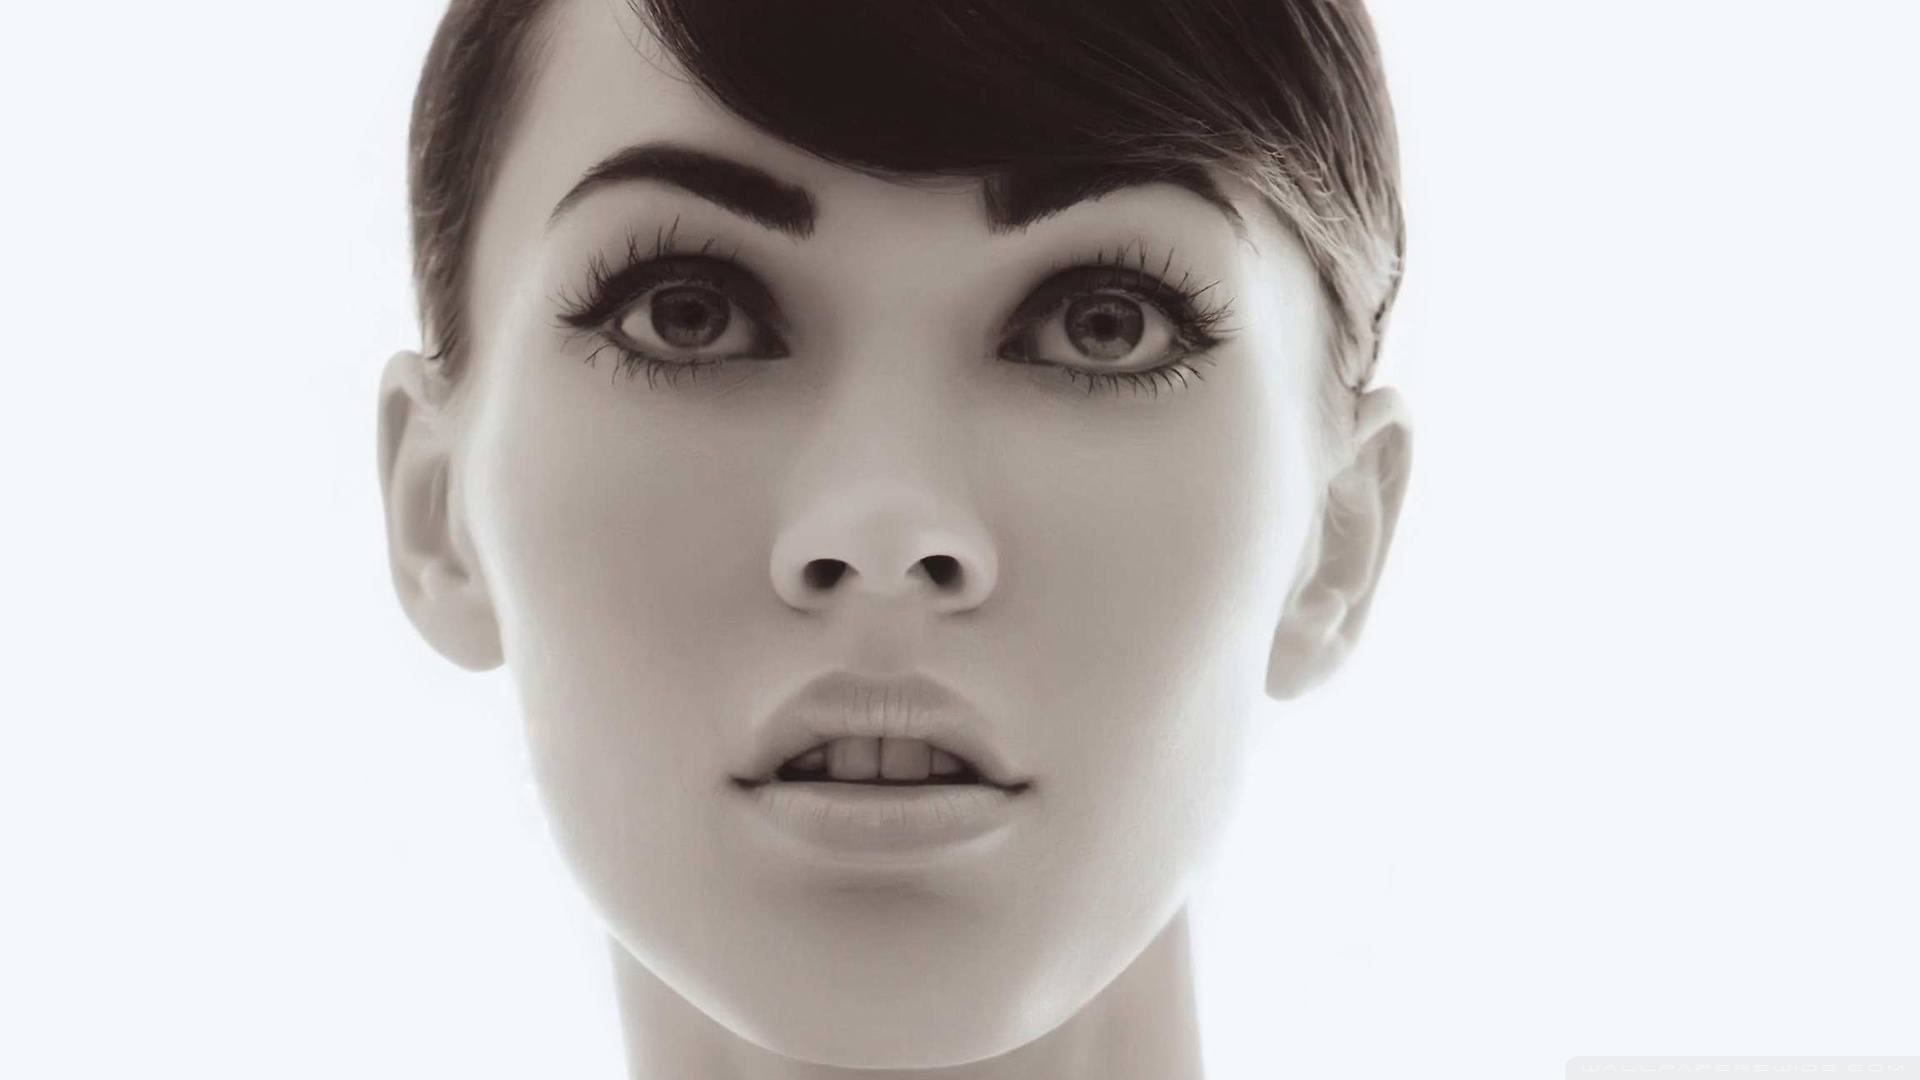 Megan Fox Wallpaper 007